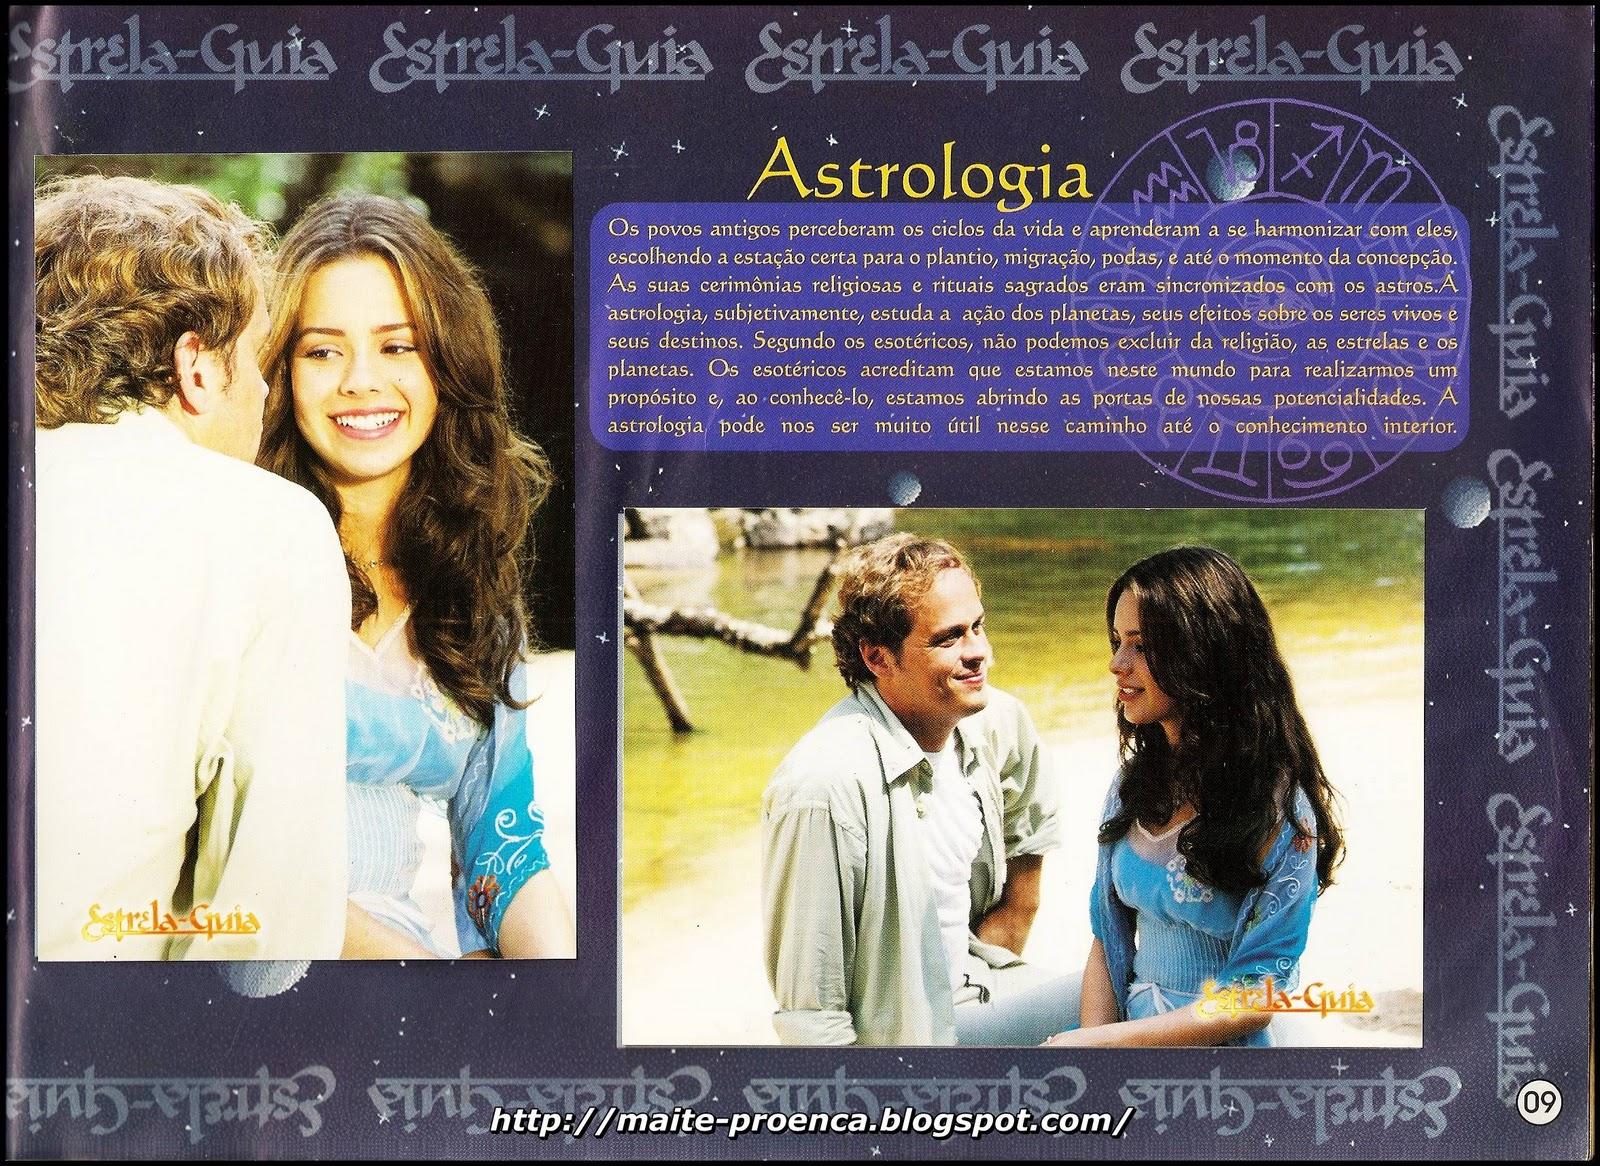 691+2001+Estrela+Guia+Album+(10).jpg